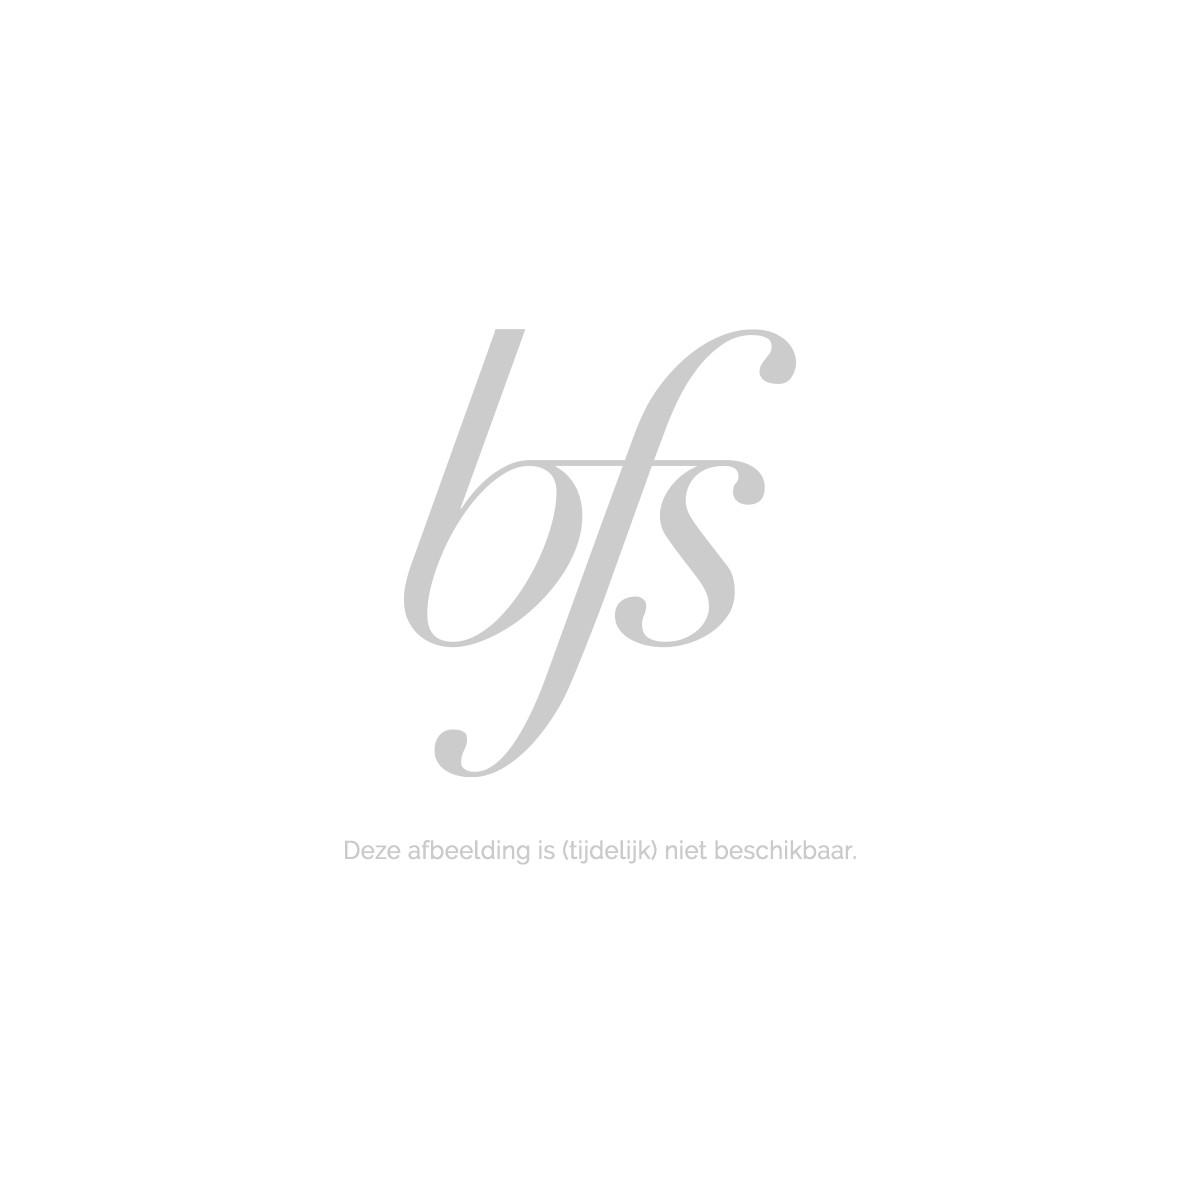 Diesel Loverdose pour Femme Eau de Parfum 30 ml